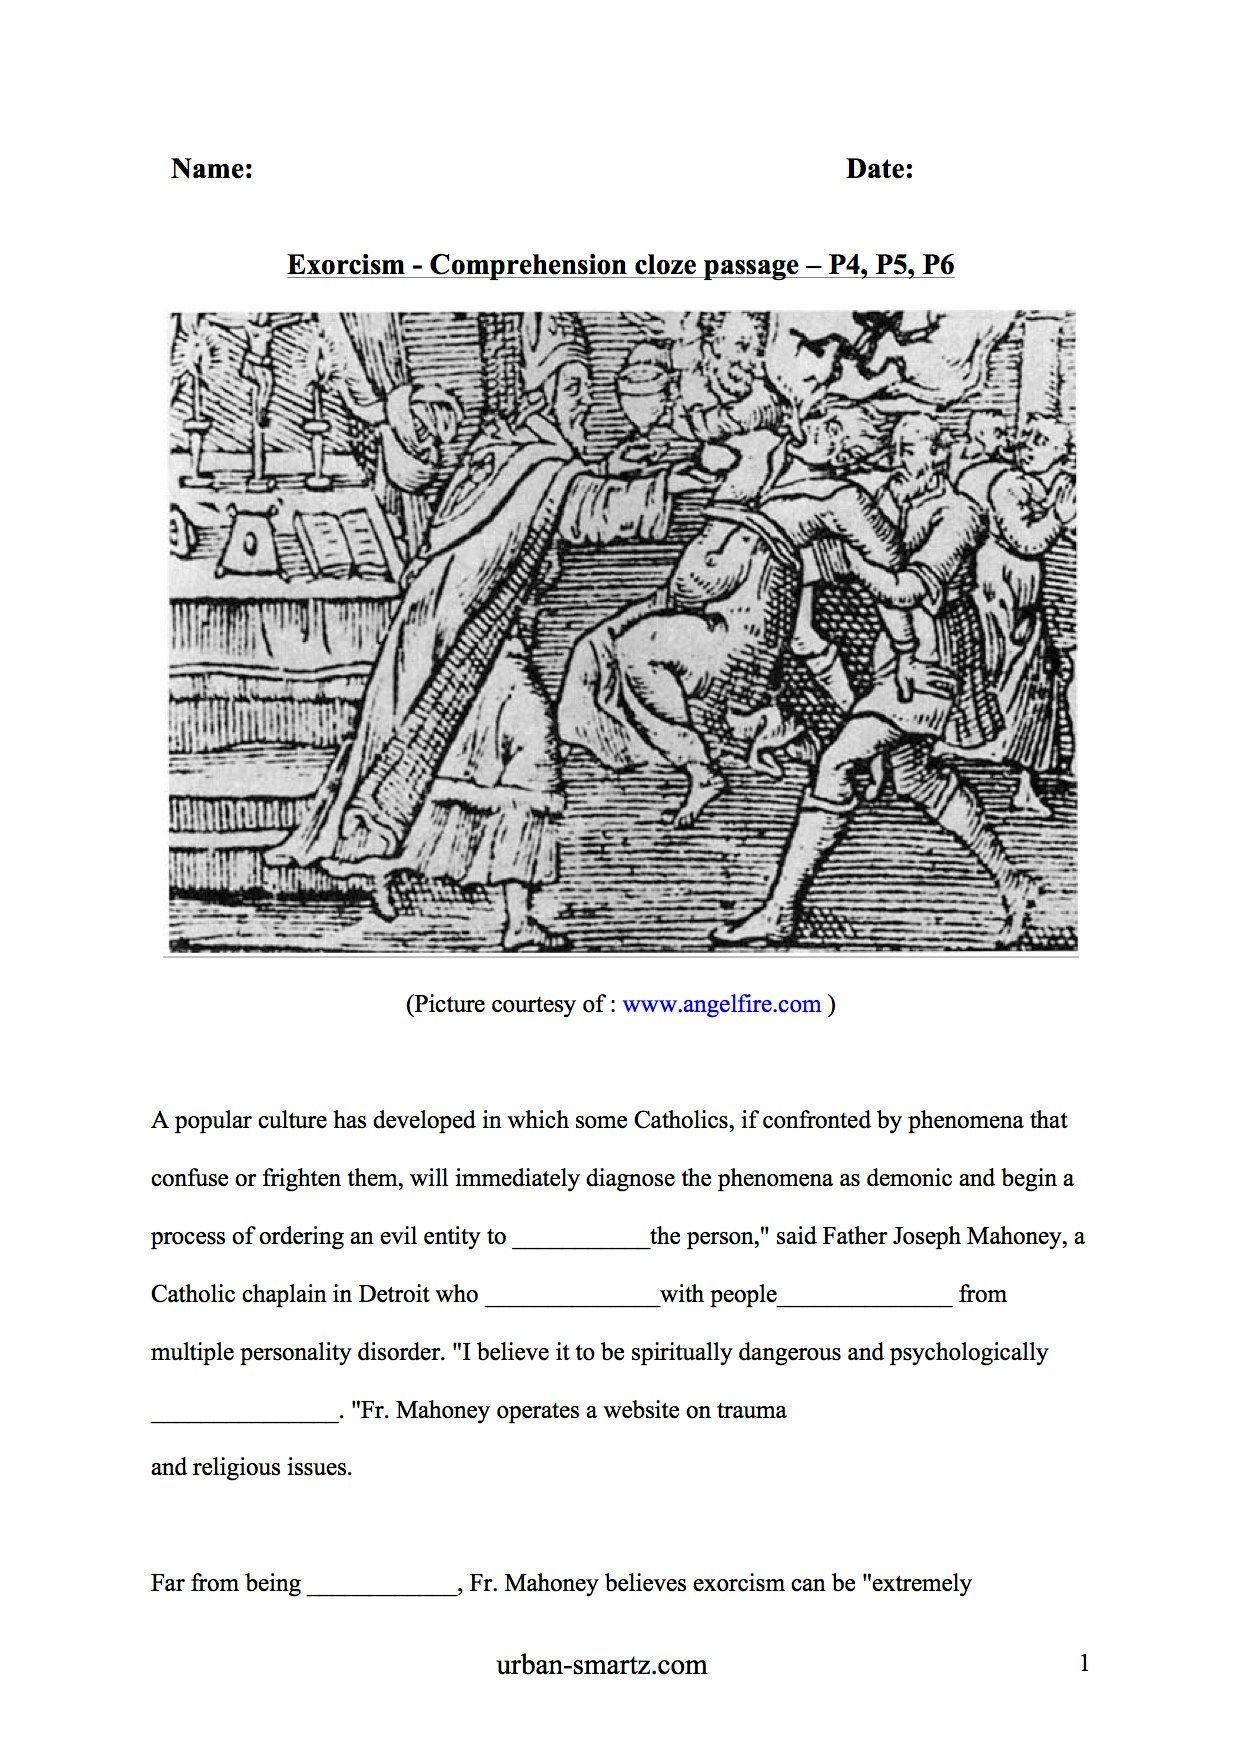 Worksheets Cloze Passages Popular Culture Parents As Teachers [ 1753 x 1240 Pixel ]